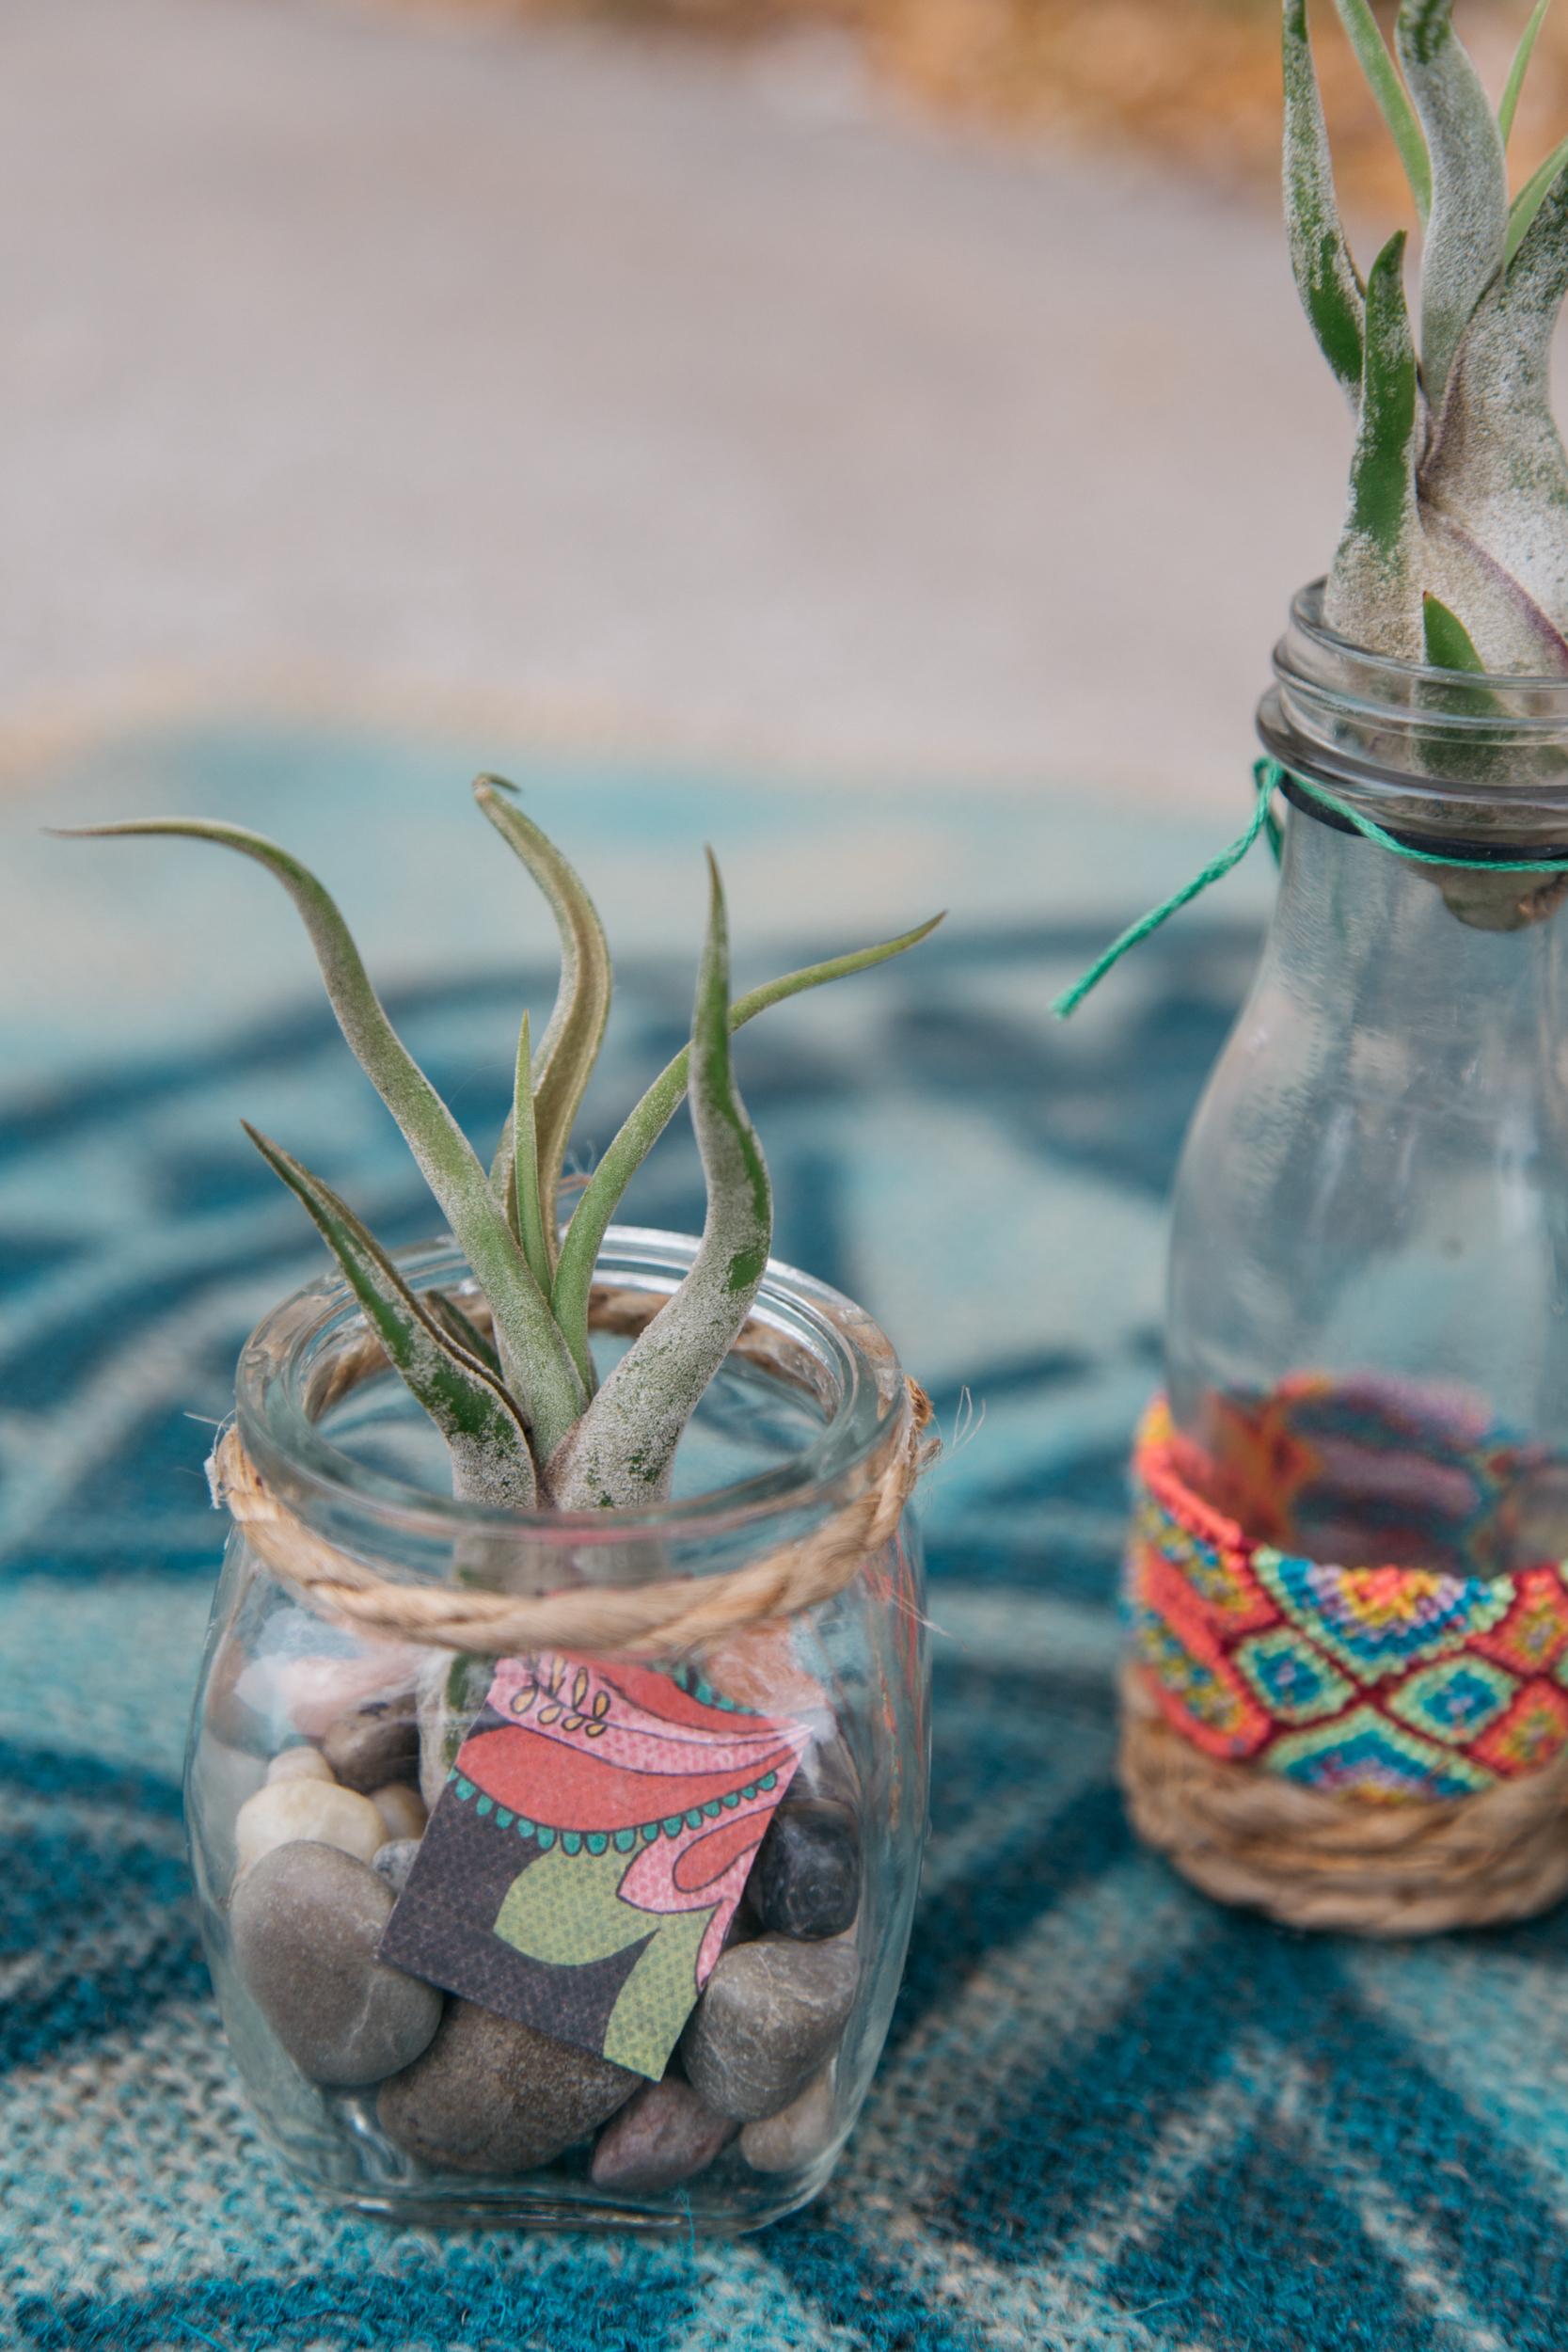 Air plants in cute jars.